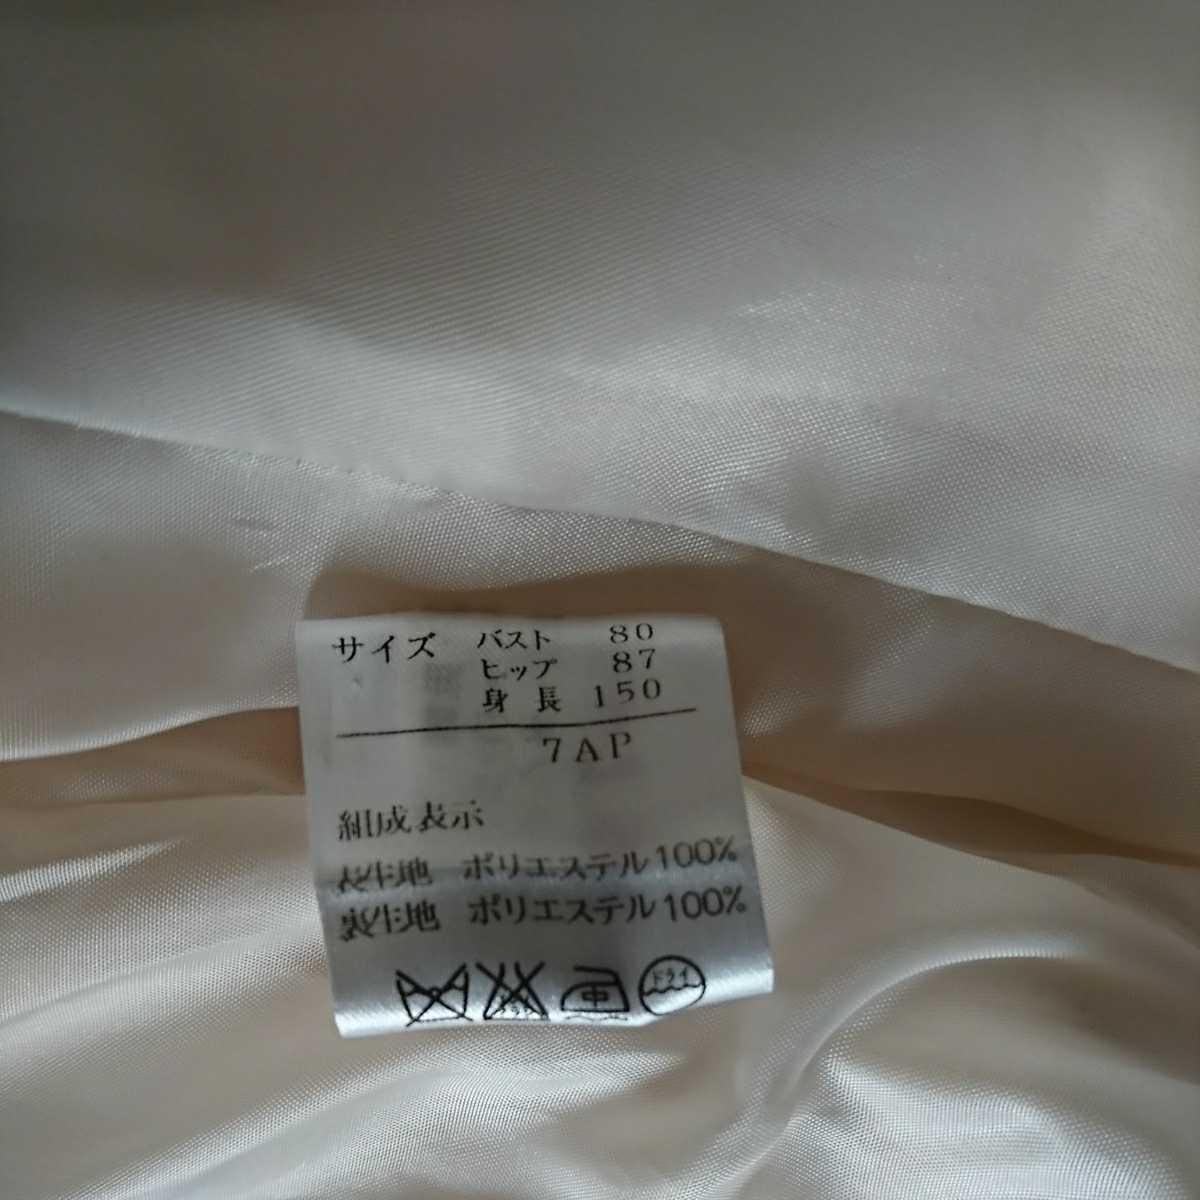 送料込み フォーマルスーツ 7号 アイボリー ジャケット スカート ベージュ シフォン ワンピース 3点セット 入学式 七五三 結婚式 クーポン_画像10